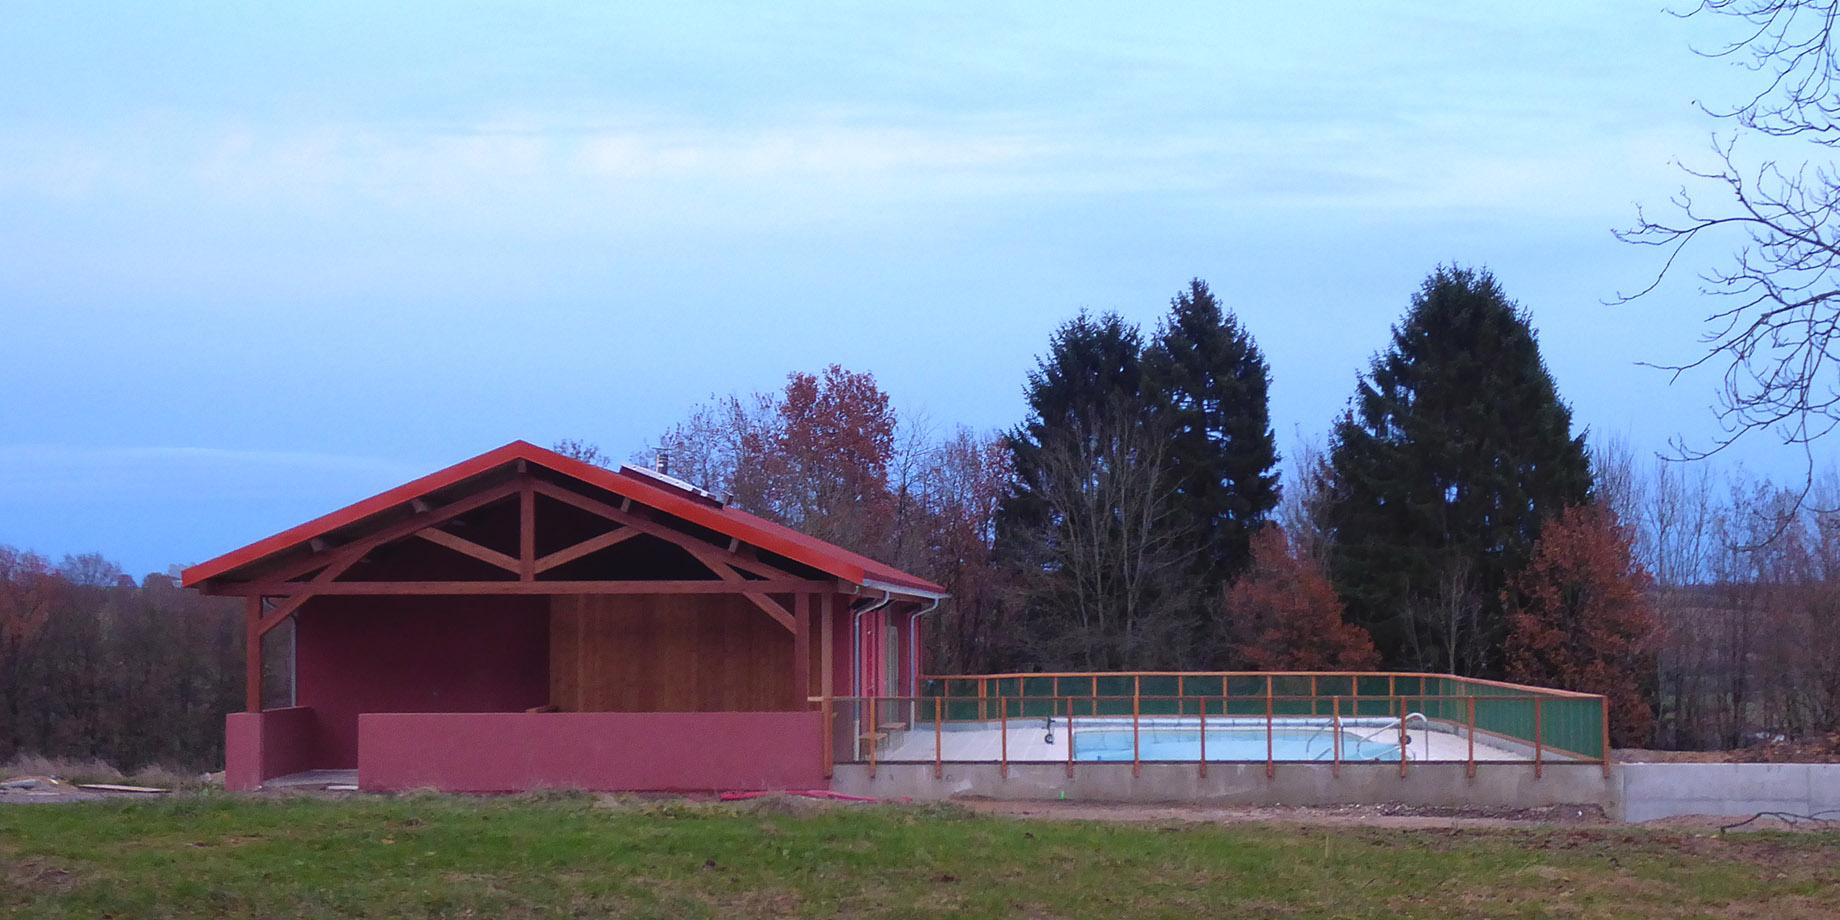 maskarade-architecture-erp-communaute-communes-piscine-camping-pignon-ouest-2016-1840